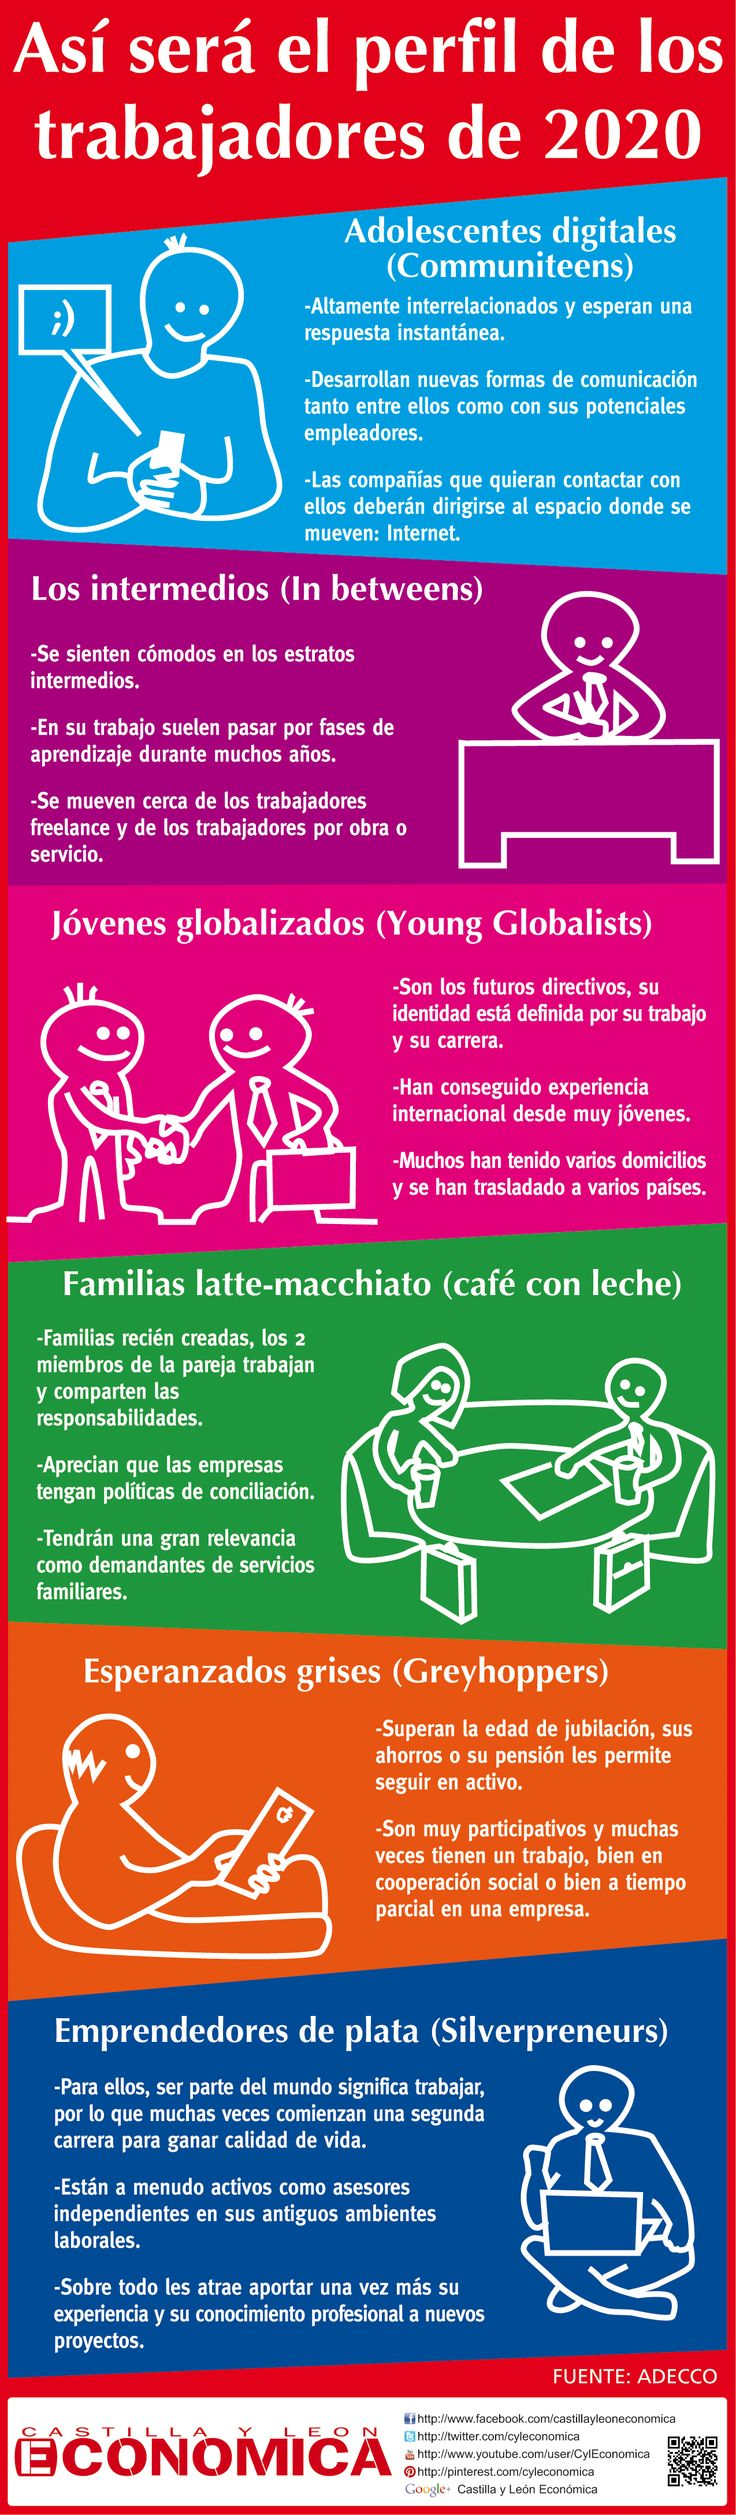 ¿También emprendedores? ¿Qué pensás? ___ #Infografía en español que muestra cómo será el perfil de los trabajadores en 2020